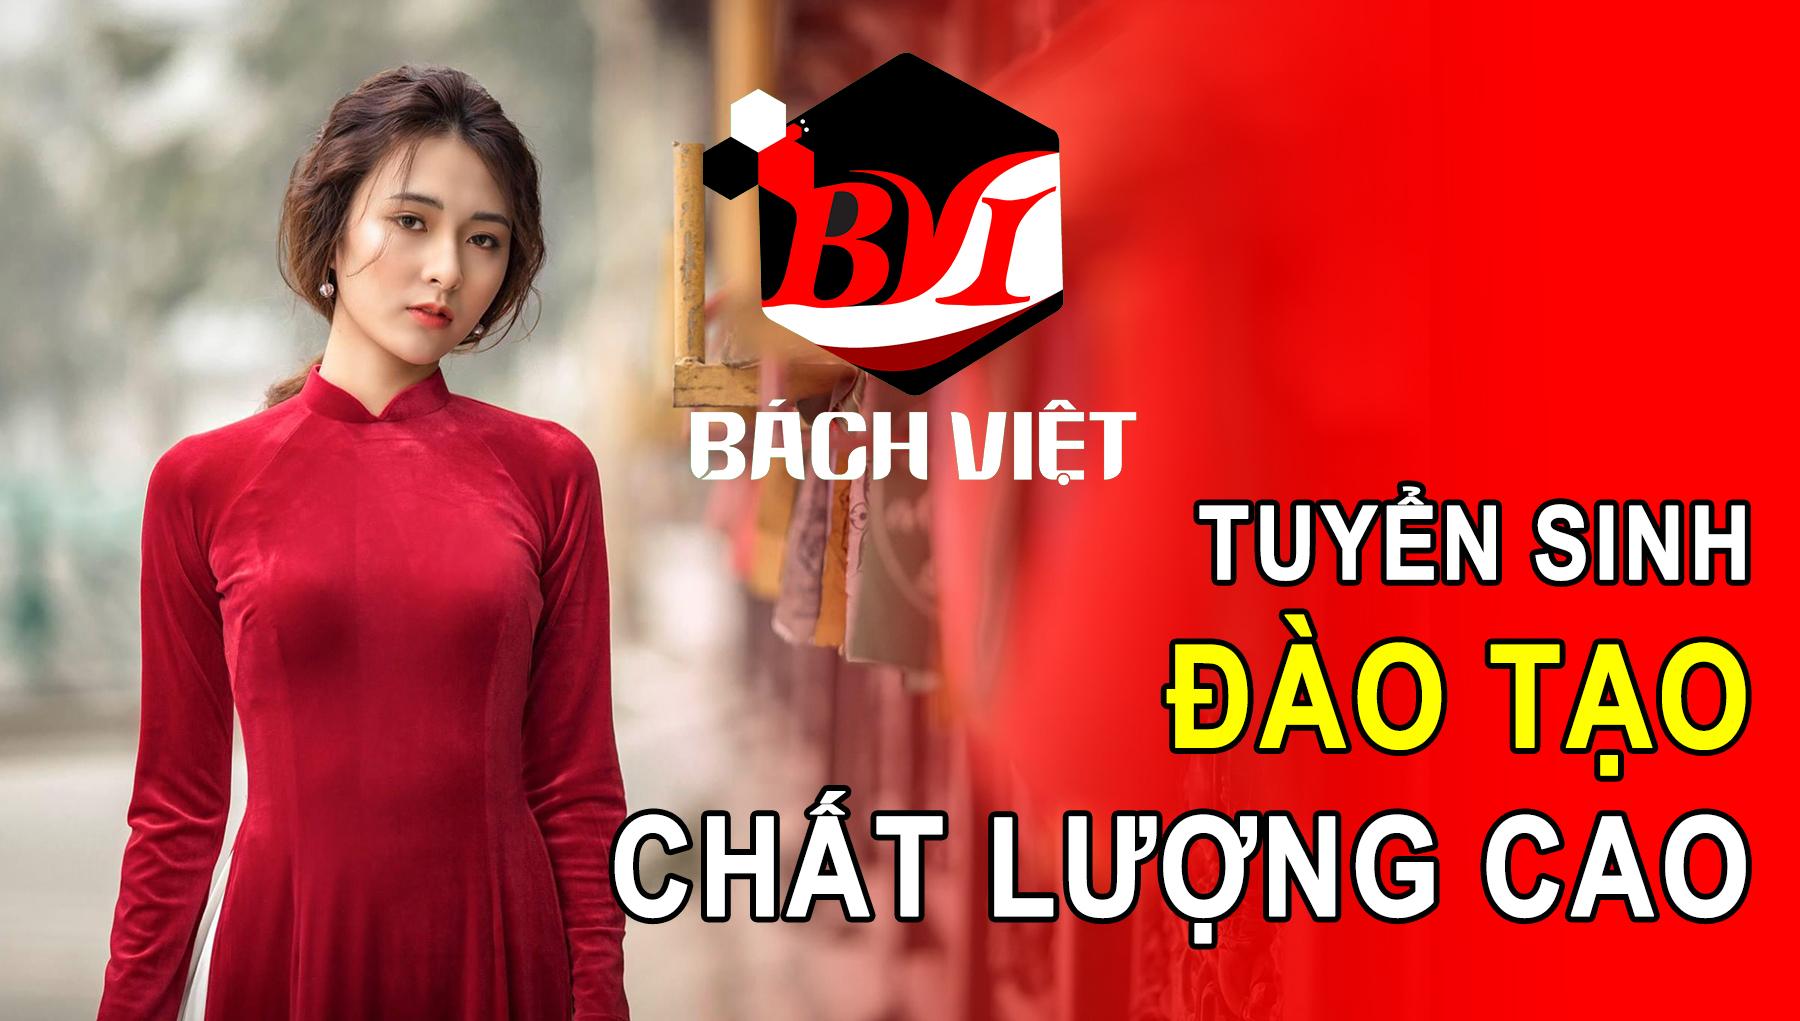 Tuyển Sinh Và Đào Tạo Chất Lượng Cao Tại Bách Việt